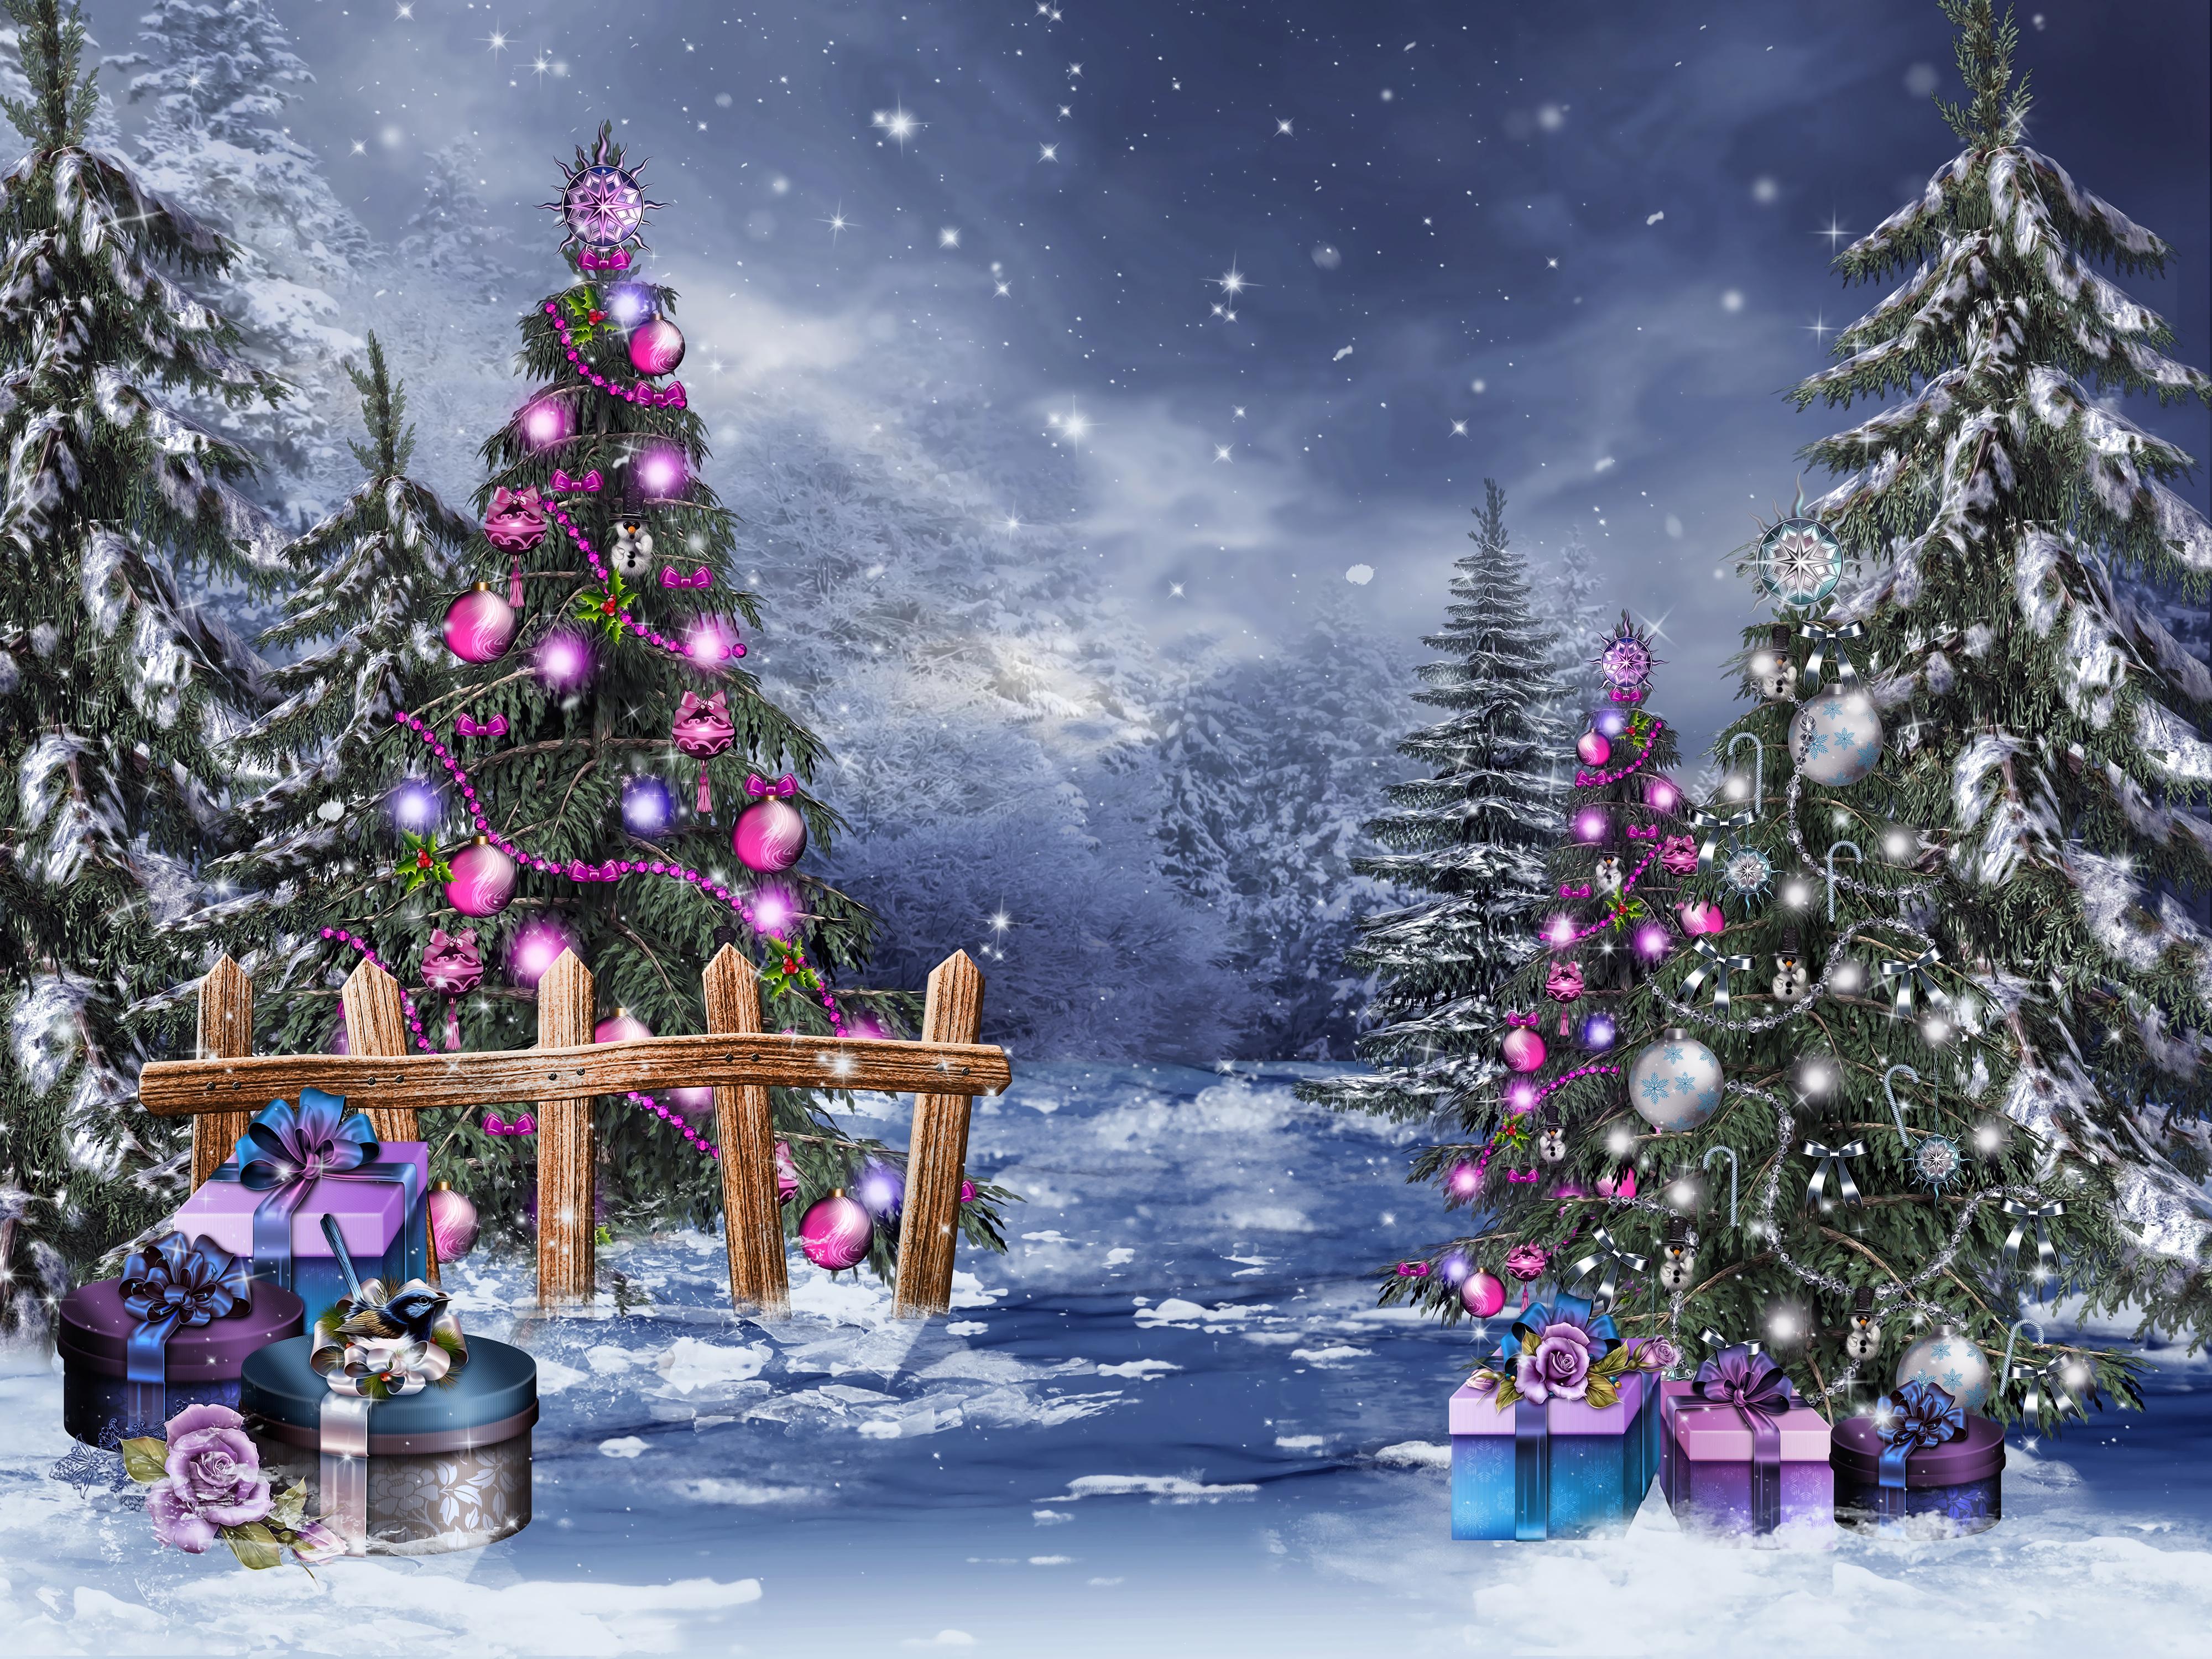 открытки зимний лес с новым годом участок